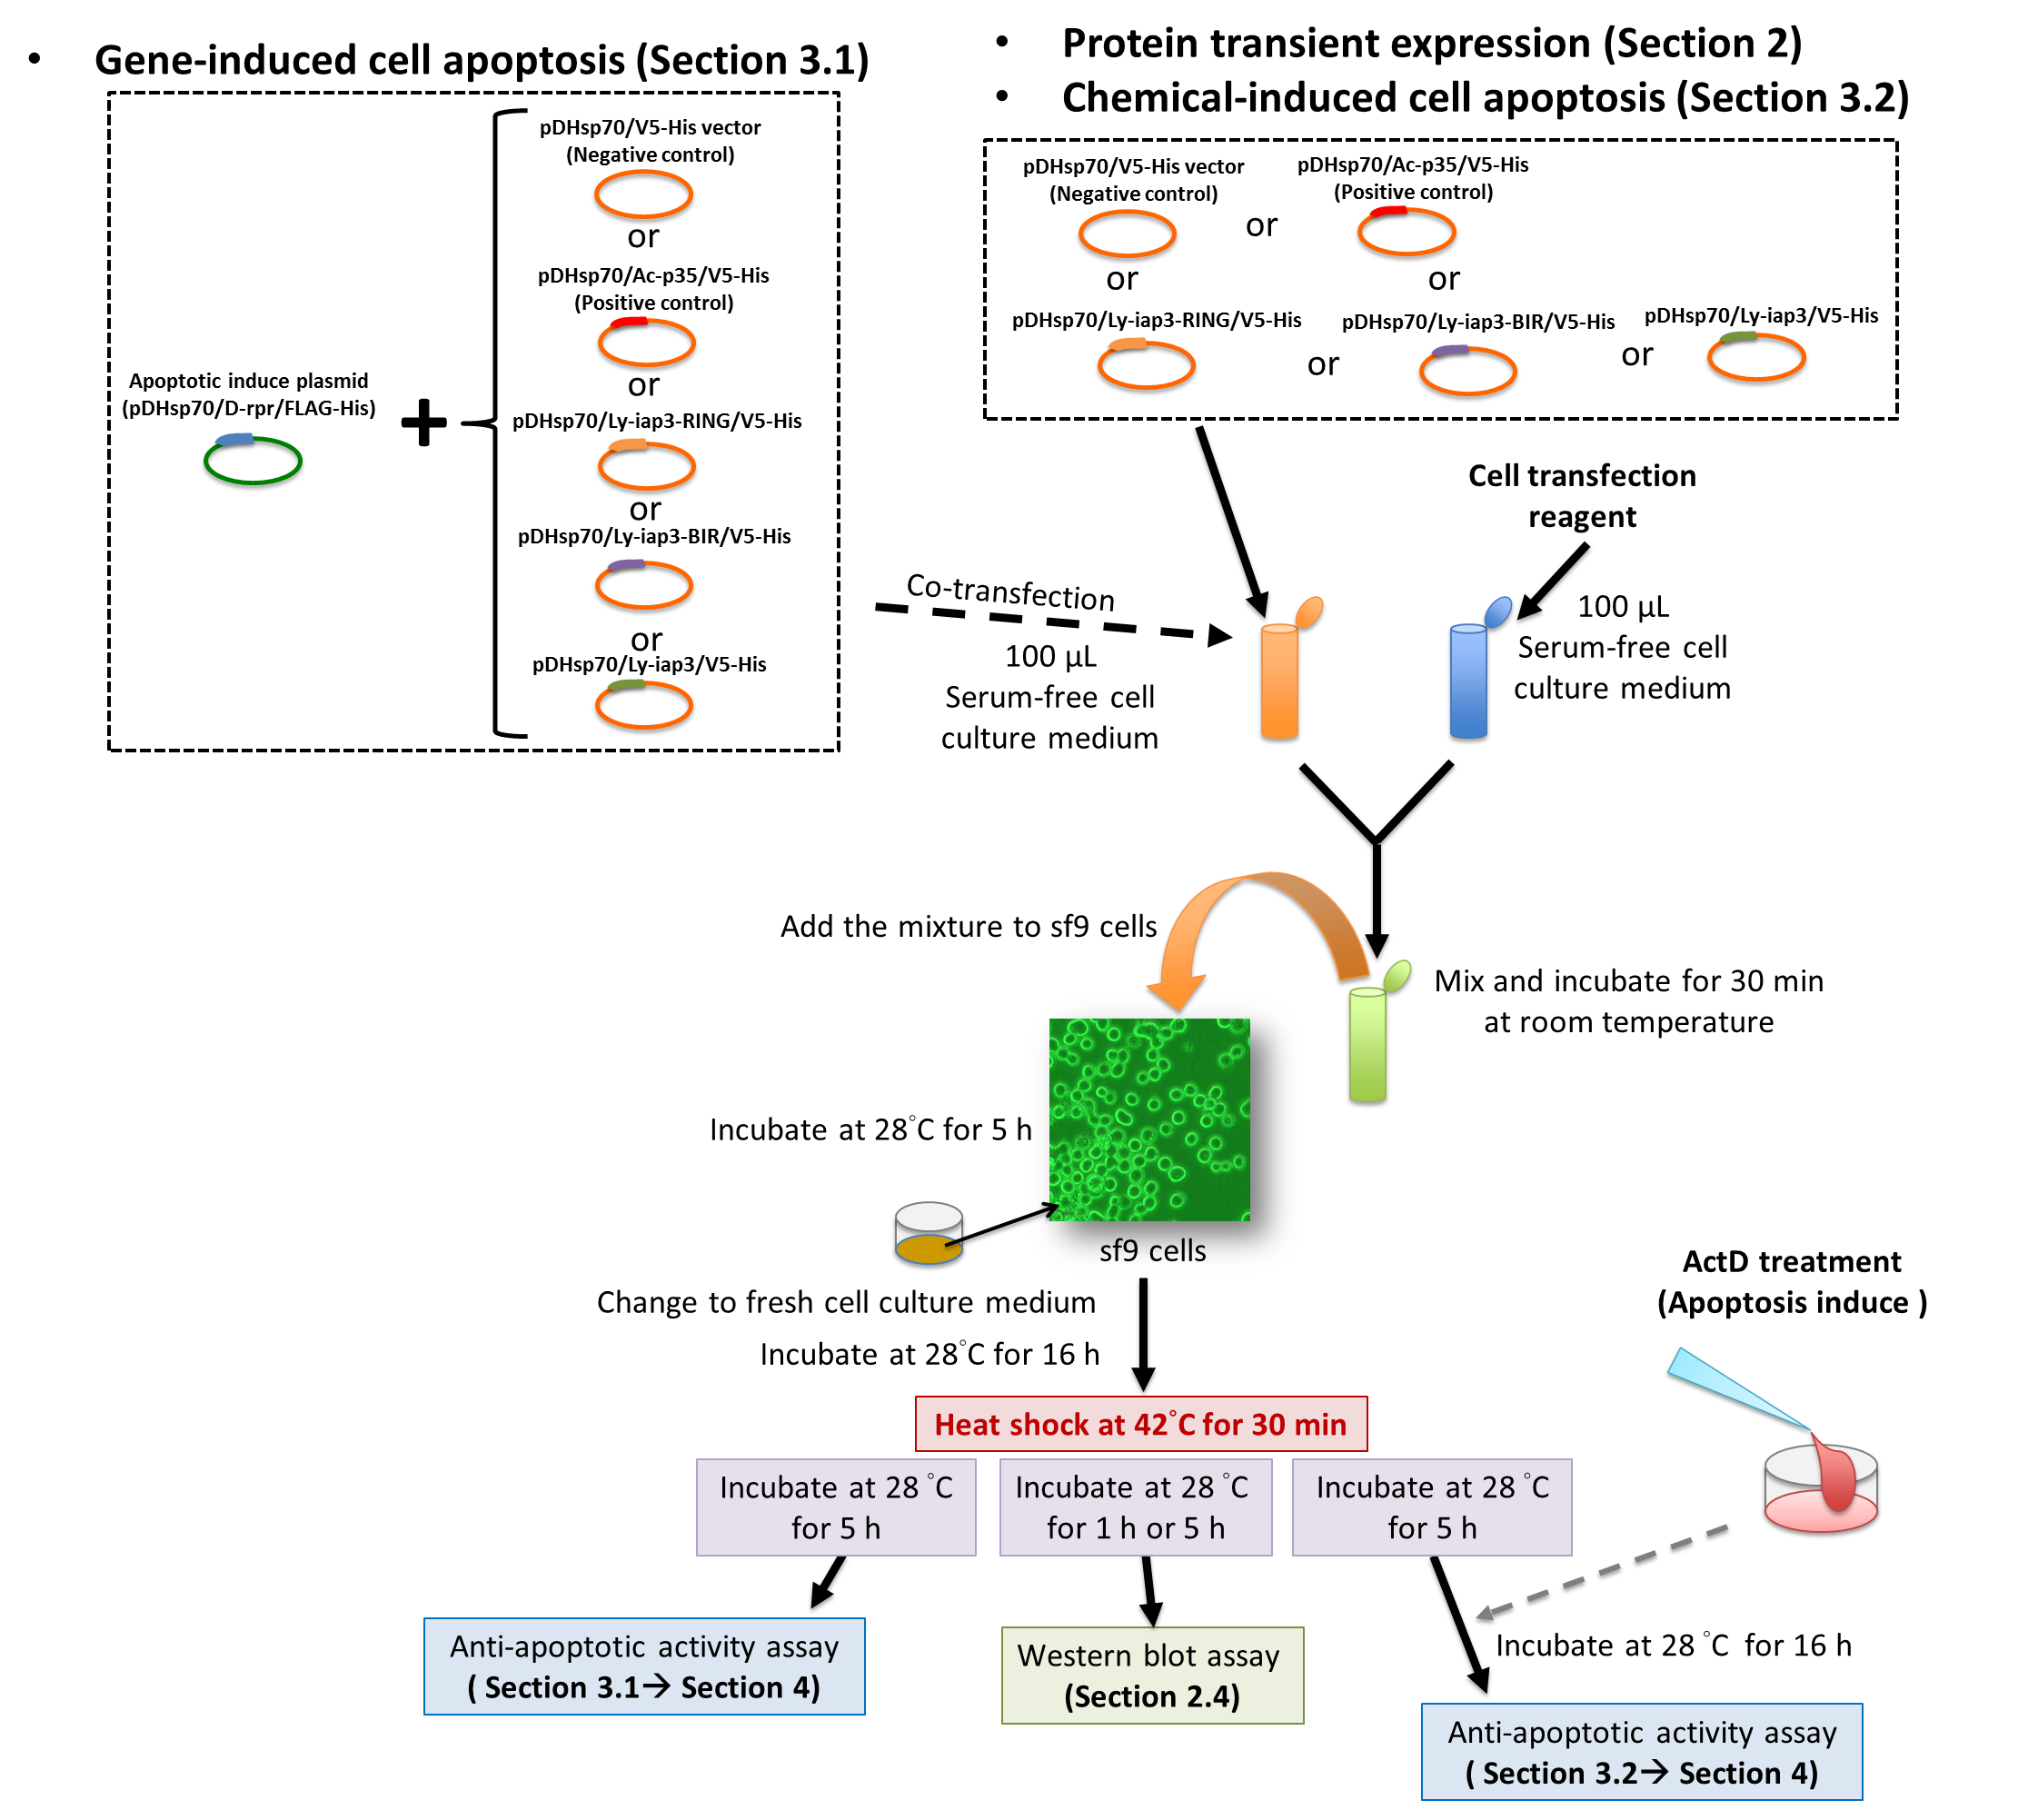 Celler lager proteiner